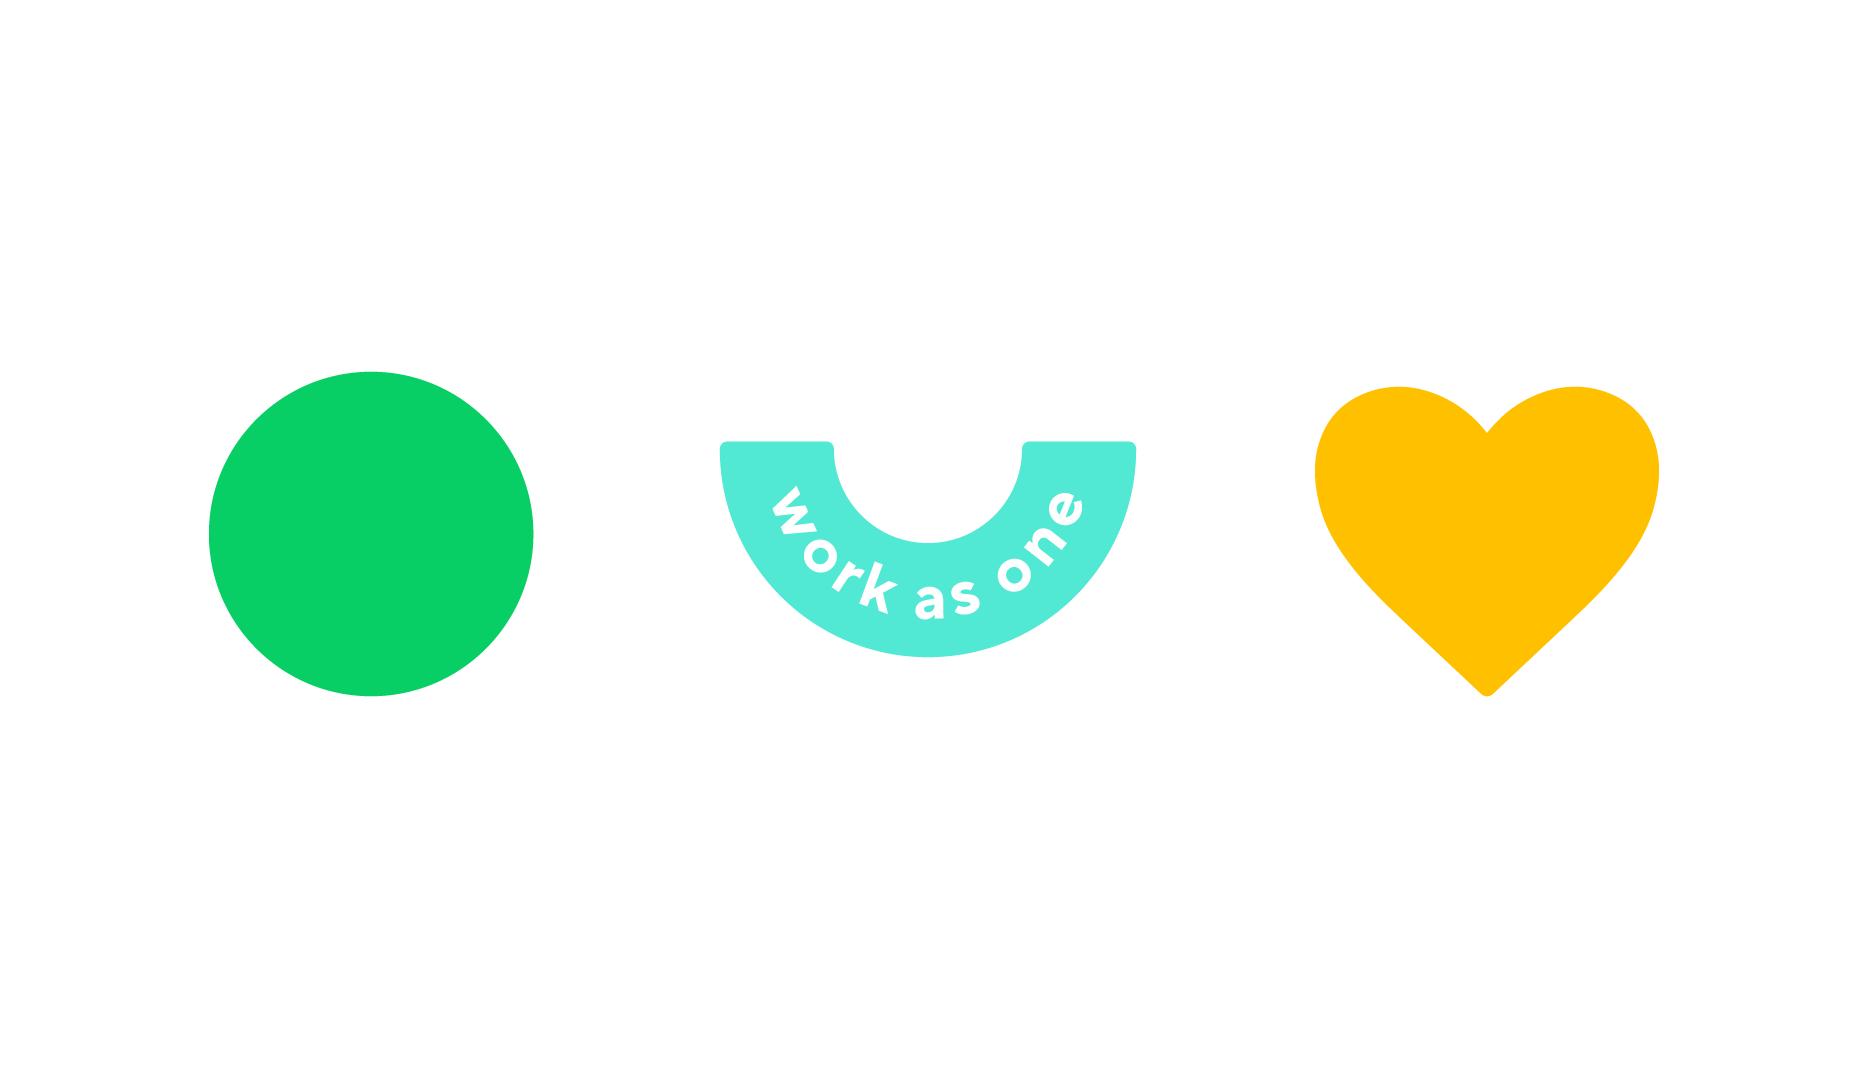 ¿Qué color expresa mejor la colaboración?